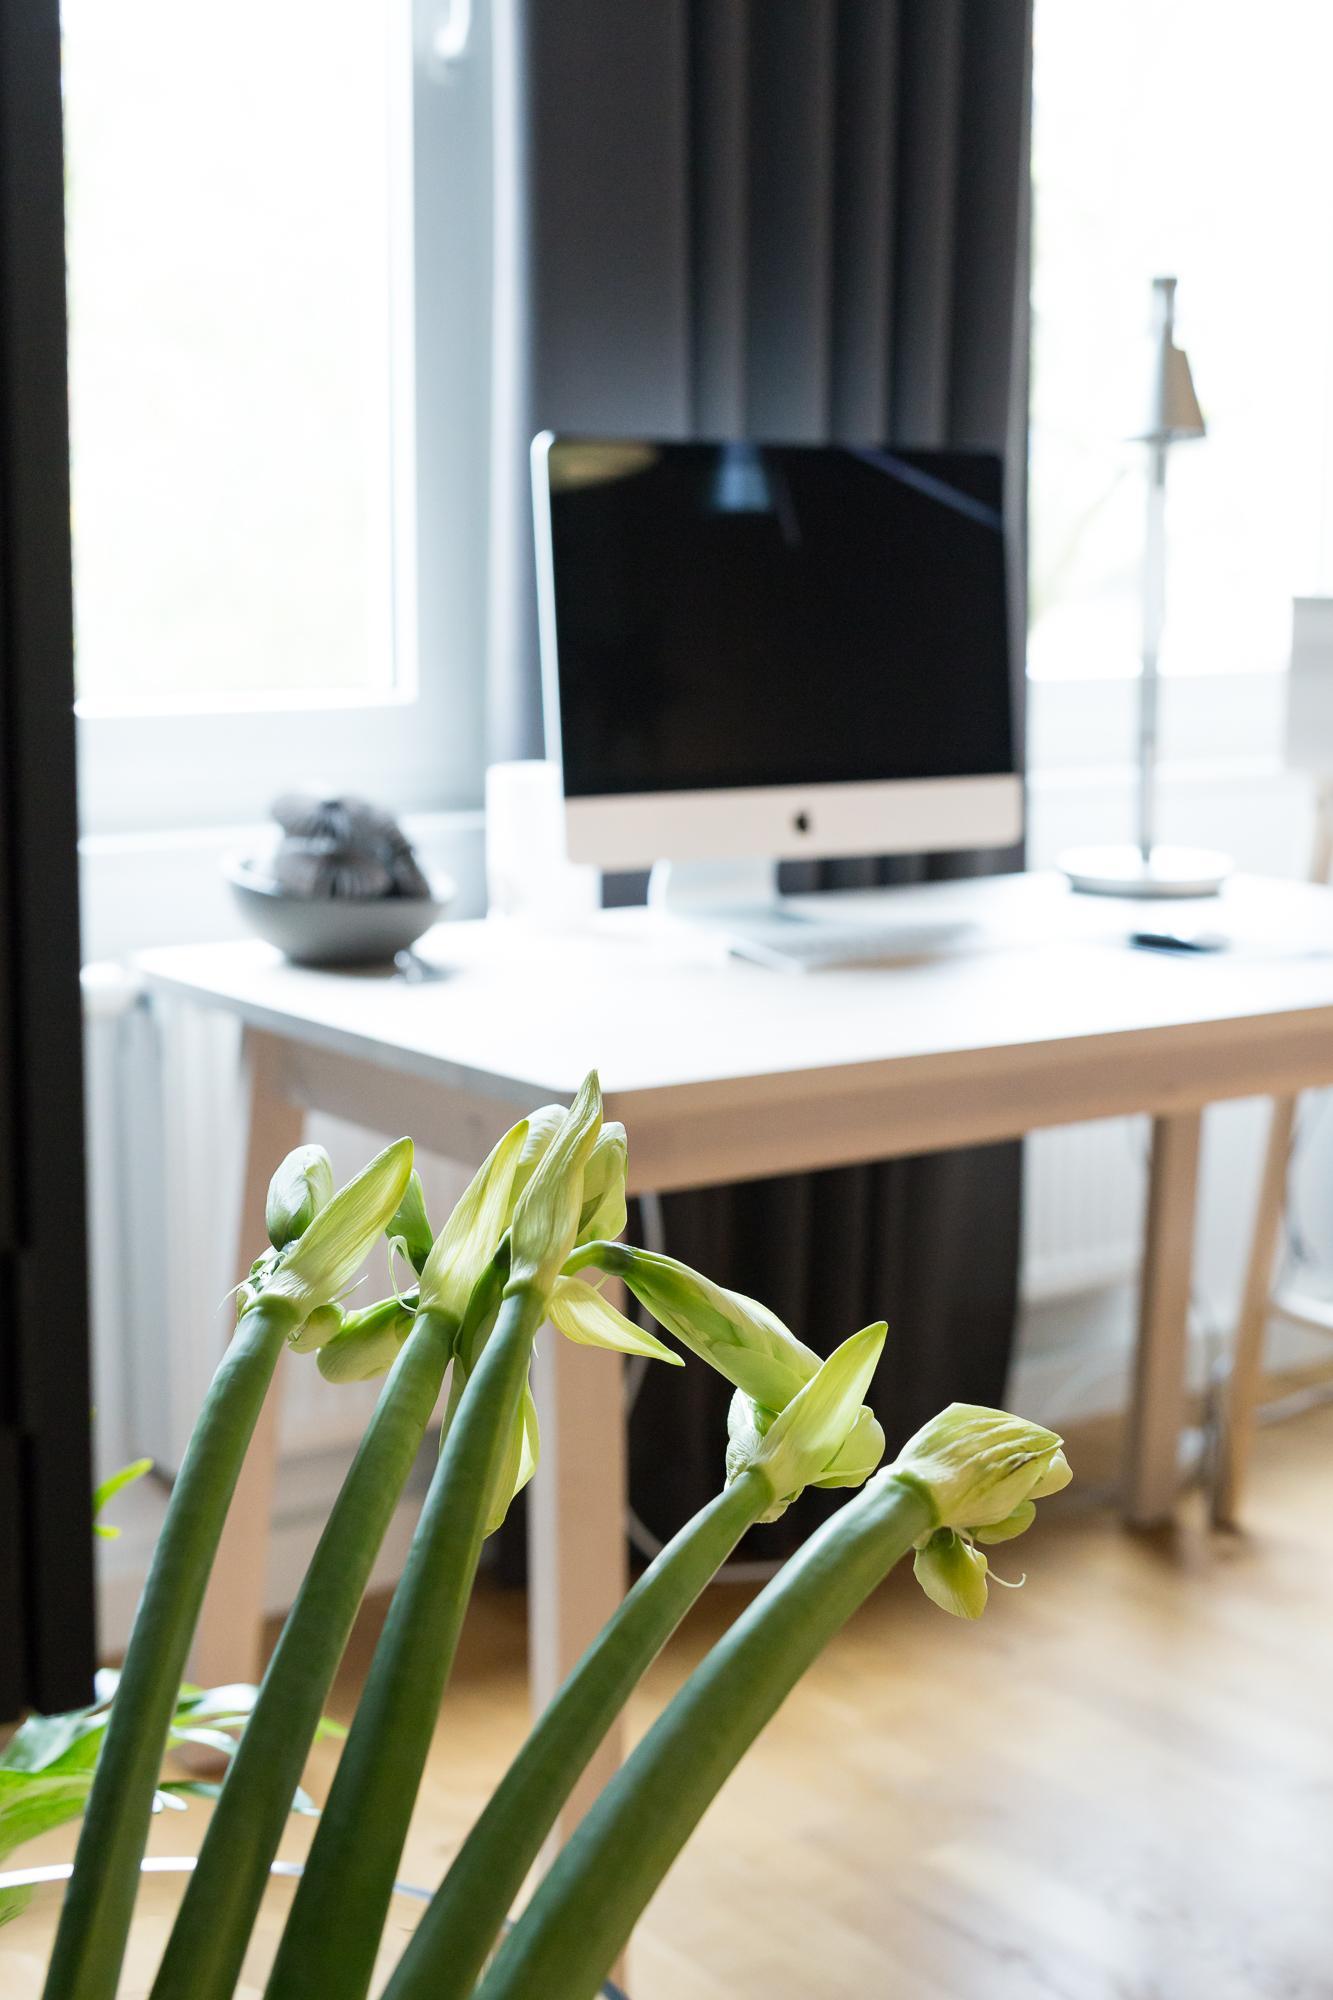 #homestory #arbeitsplatz #homeoffice #arbeitsplatzgestaltung #schreibtisch